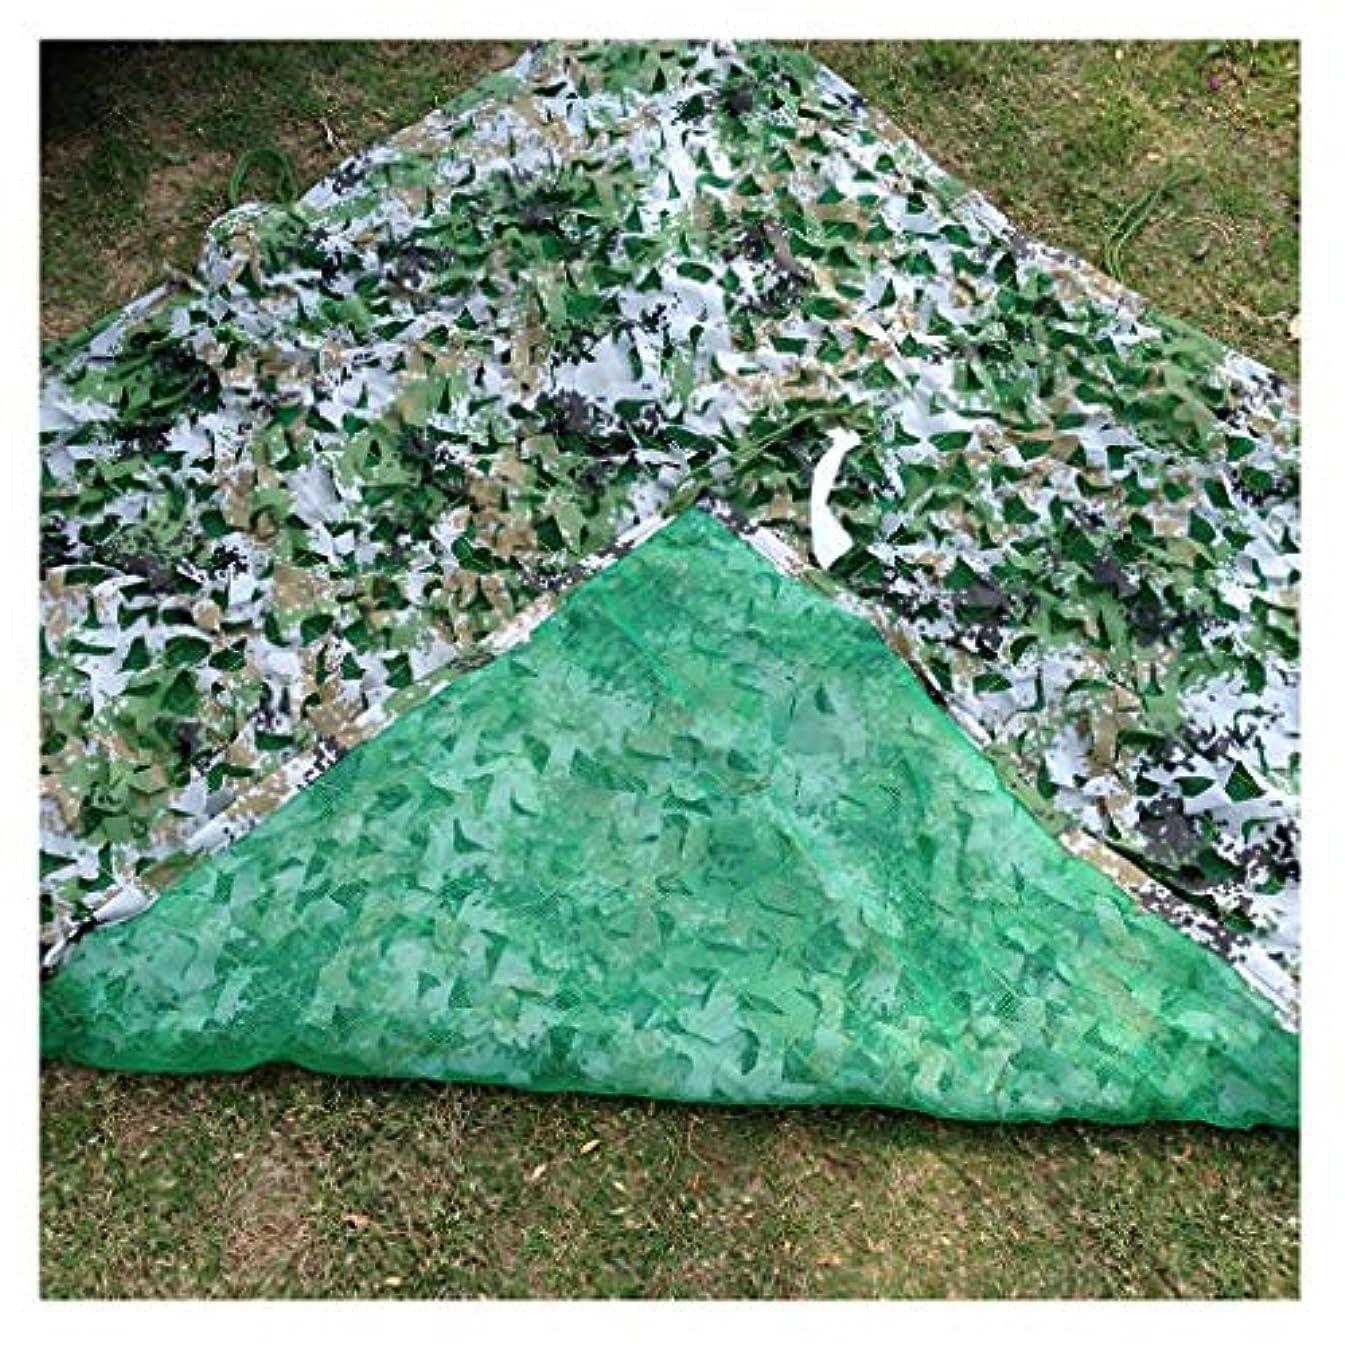 現像かび臭いパラメータ迷彩ネット カモフラージュネット厚いカモフラージュネットキャンプステルス森林狩猟プールカモフラージュテントシェード写真パーティーゲームハロウィンのクリスマスデコレーションに適しています キャンプ (Color : C, Size : 1.5*2m)